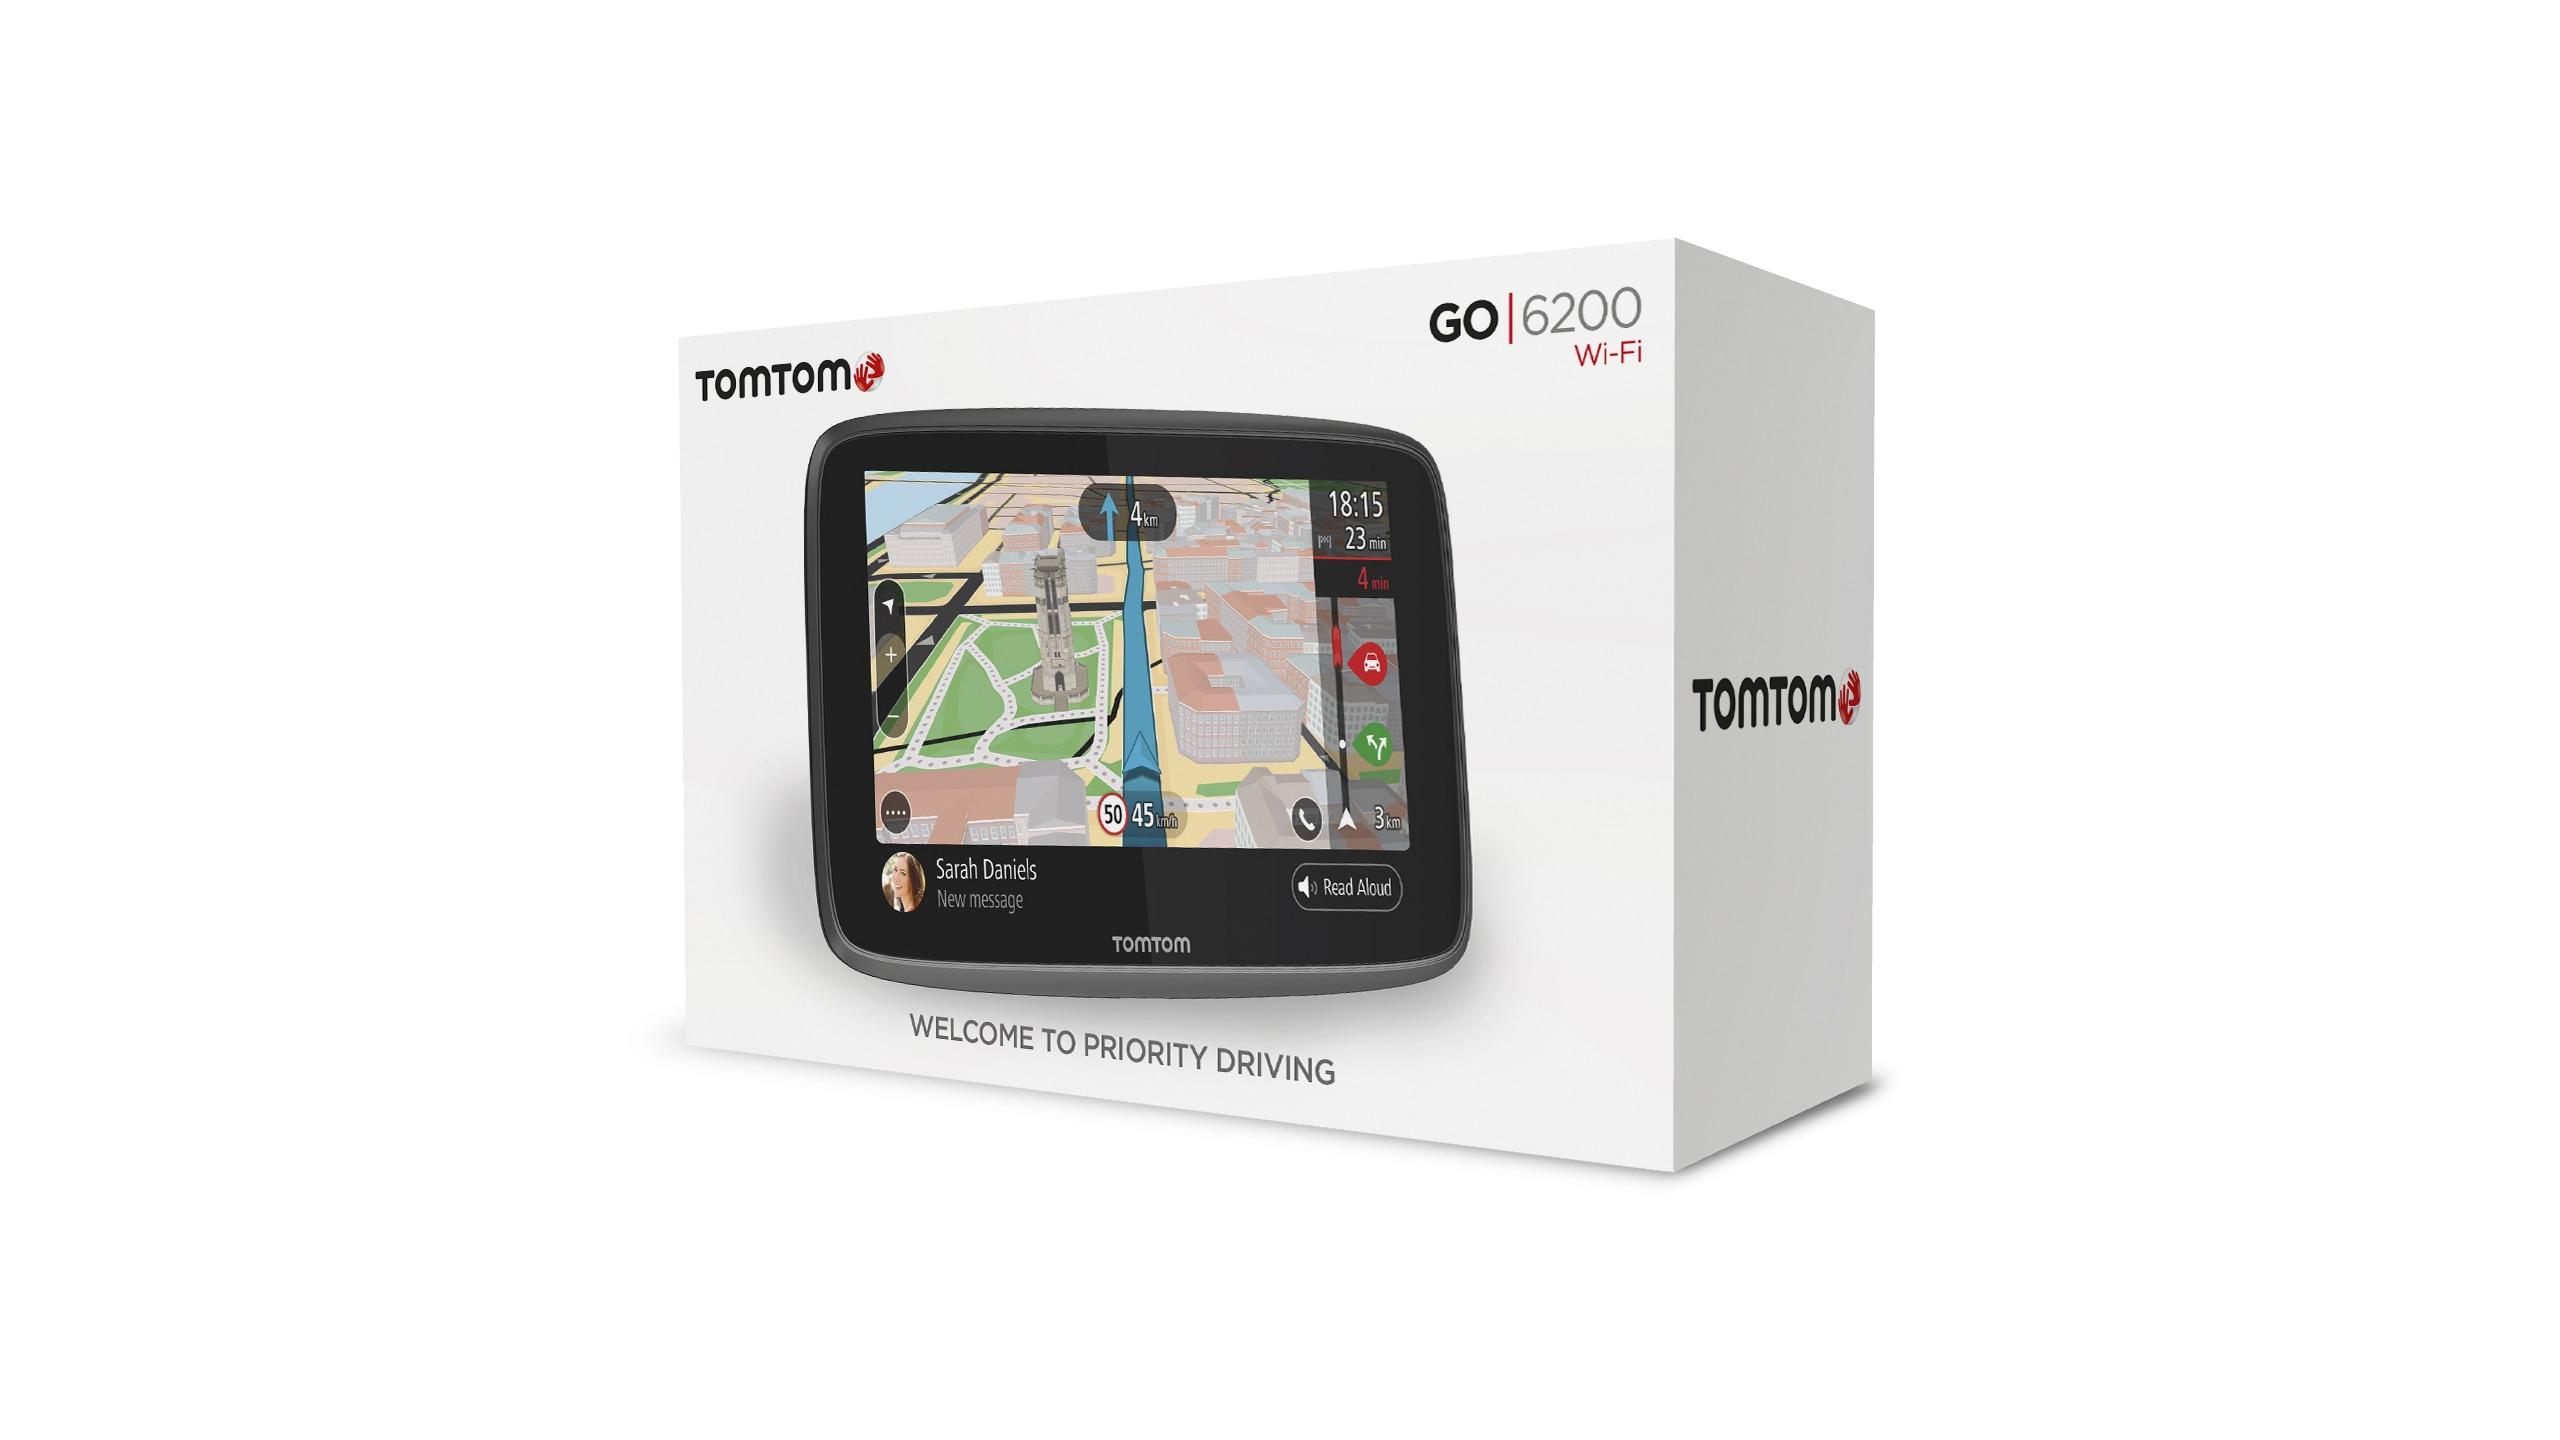 TomTom GO 6200